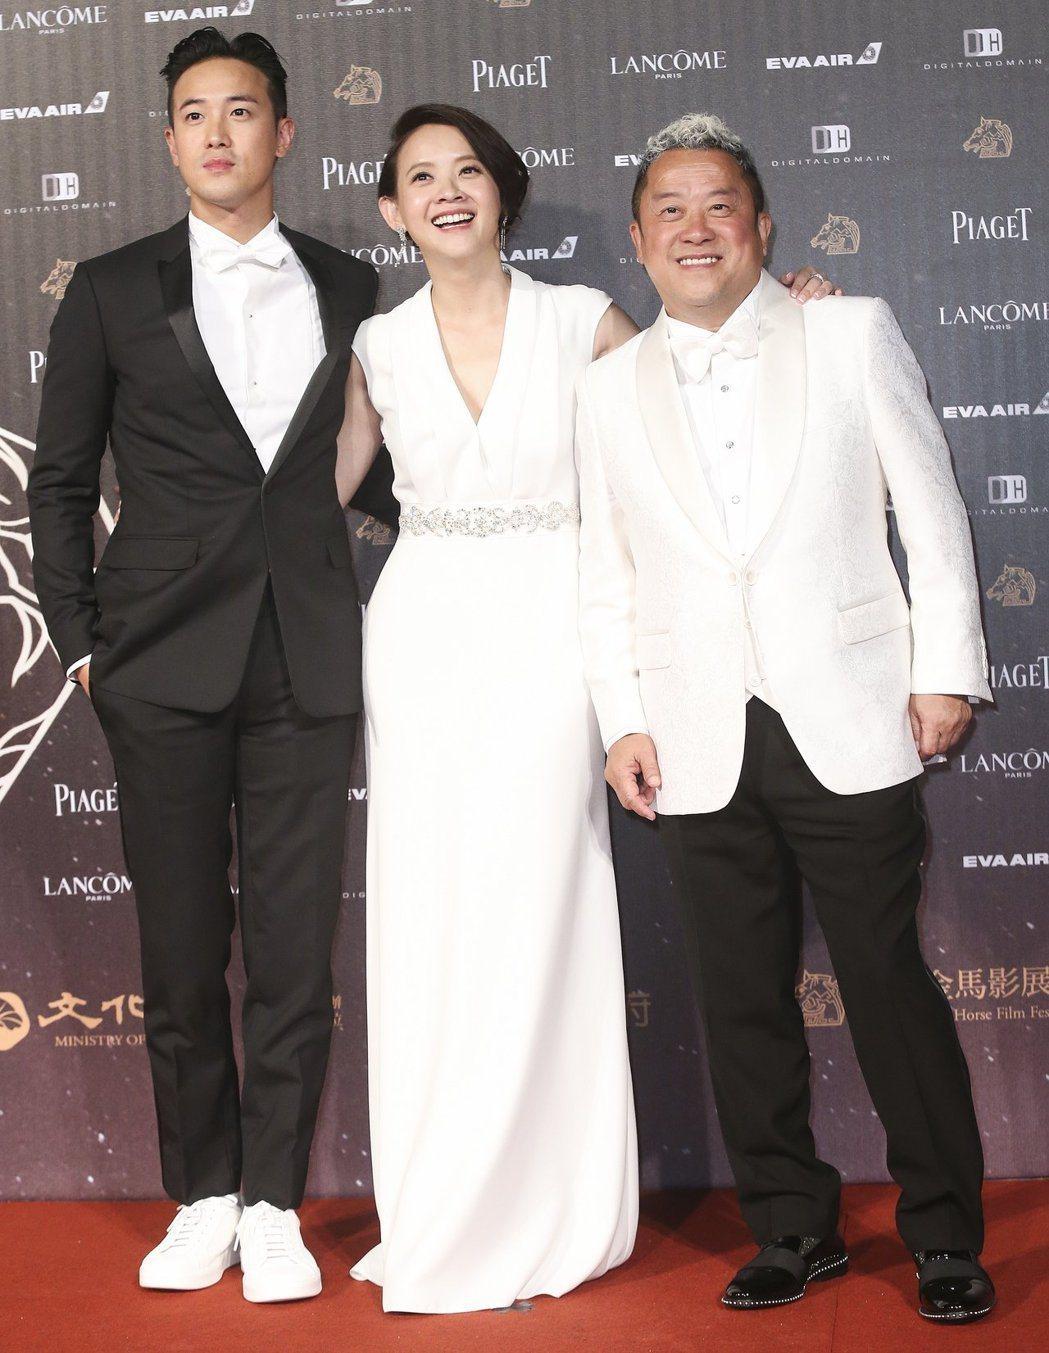 曾志偉(右)、曾國祥(左)與曾寶儀(中)一家人先前曾來台參加金馬獎頒獎典禮。記者...